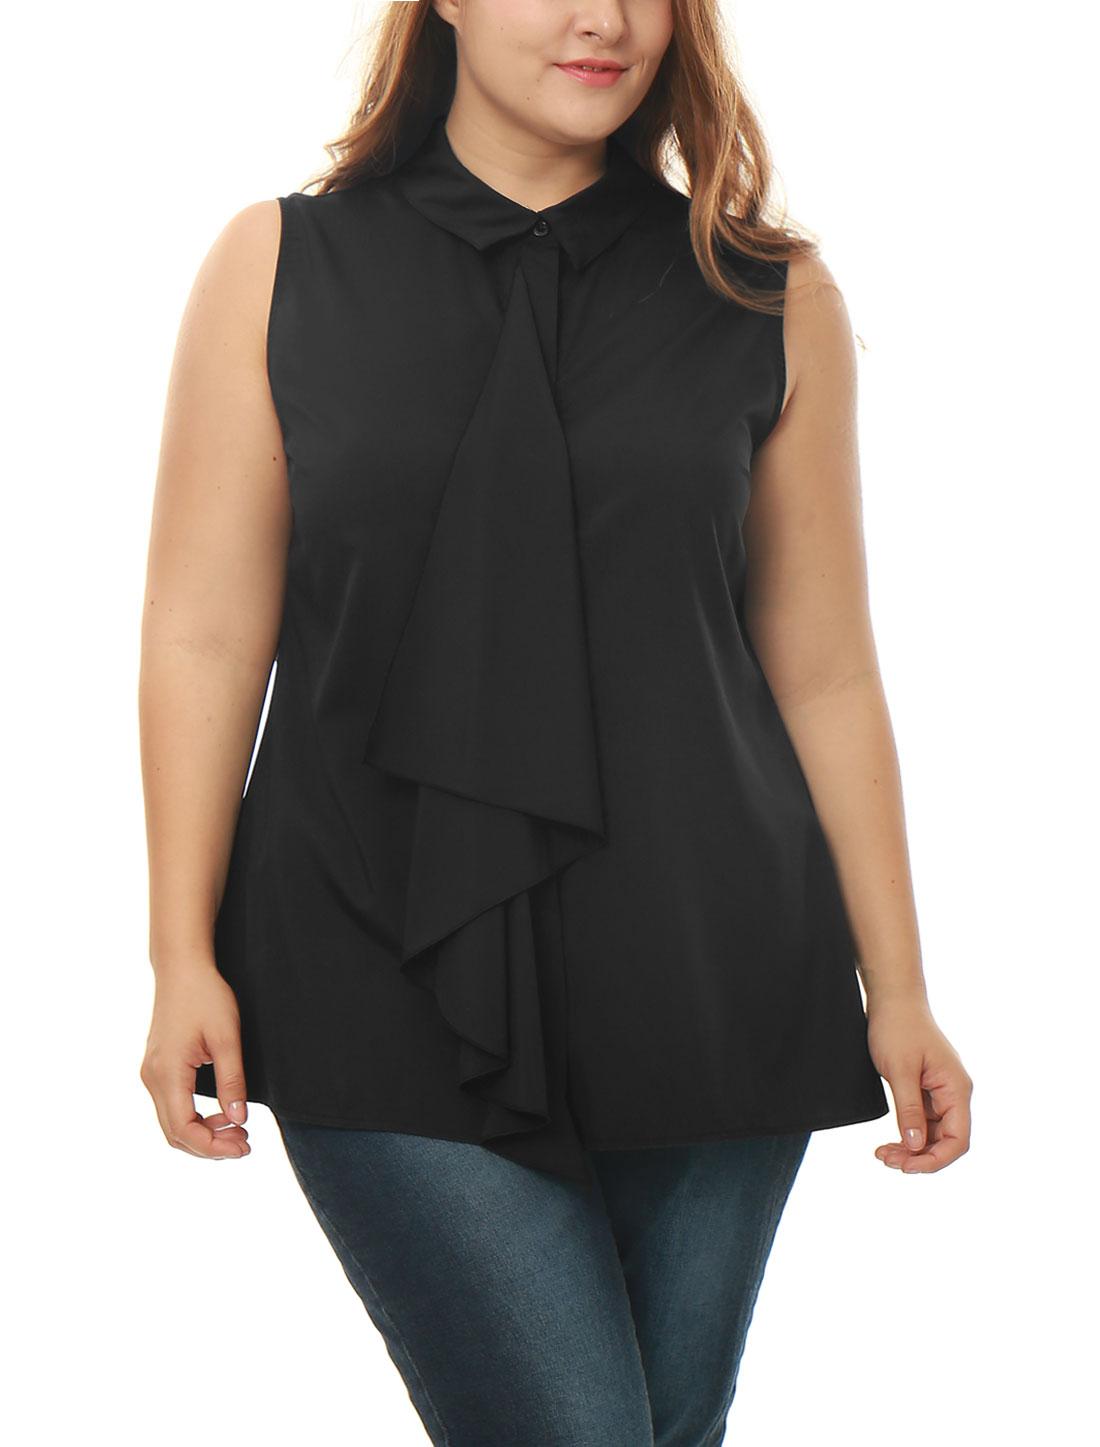 Women Plus Size Hidden Placket Ruffle Front Sleeveless Shirt Black 3X